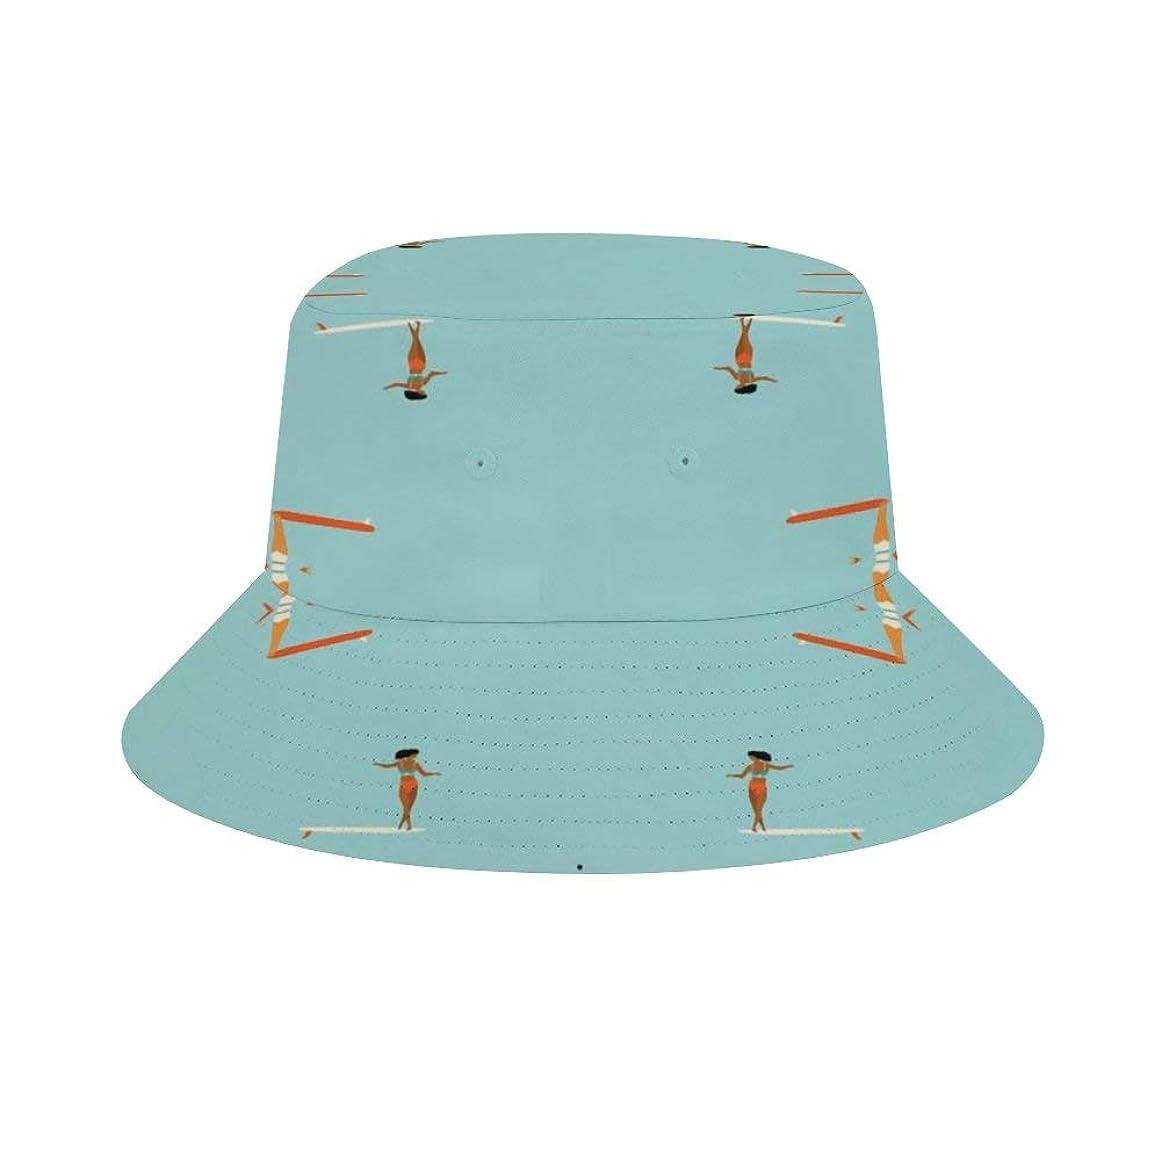 コア見せますしたいソウルサーファーズライトブルー ハット フィッシャーマンキャップ カジュアル オシャレ 釣り 登山 旅行 UVカット 通気性いい 日焼け防止 熱中症予防 ユニセックス